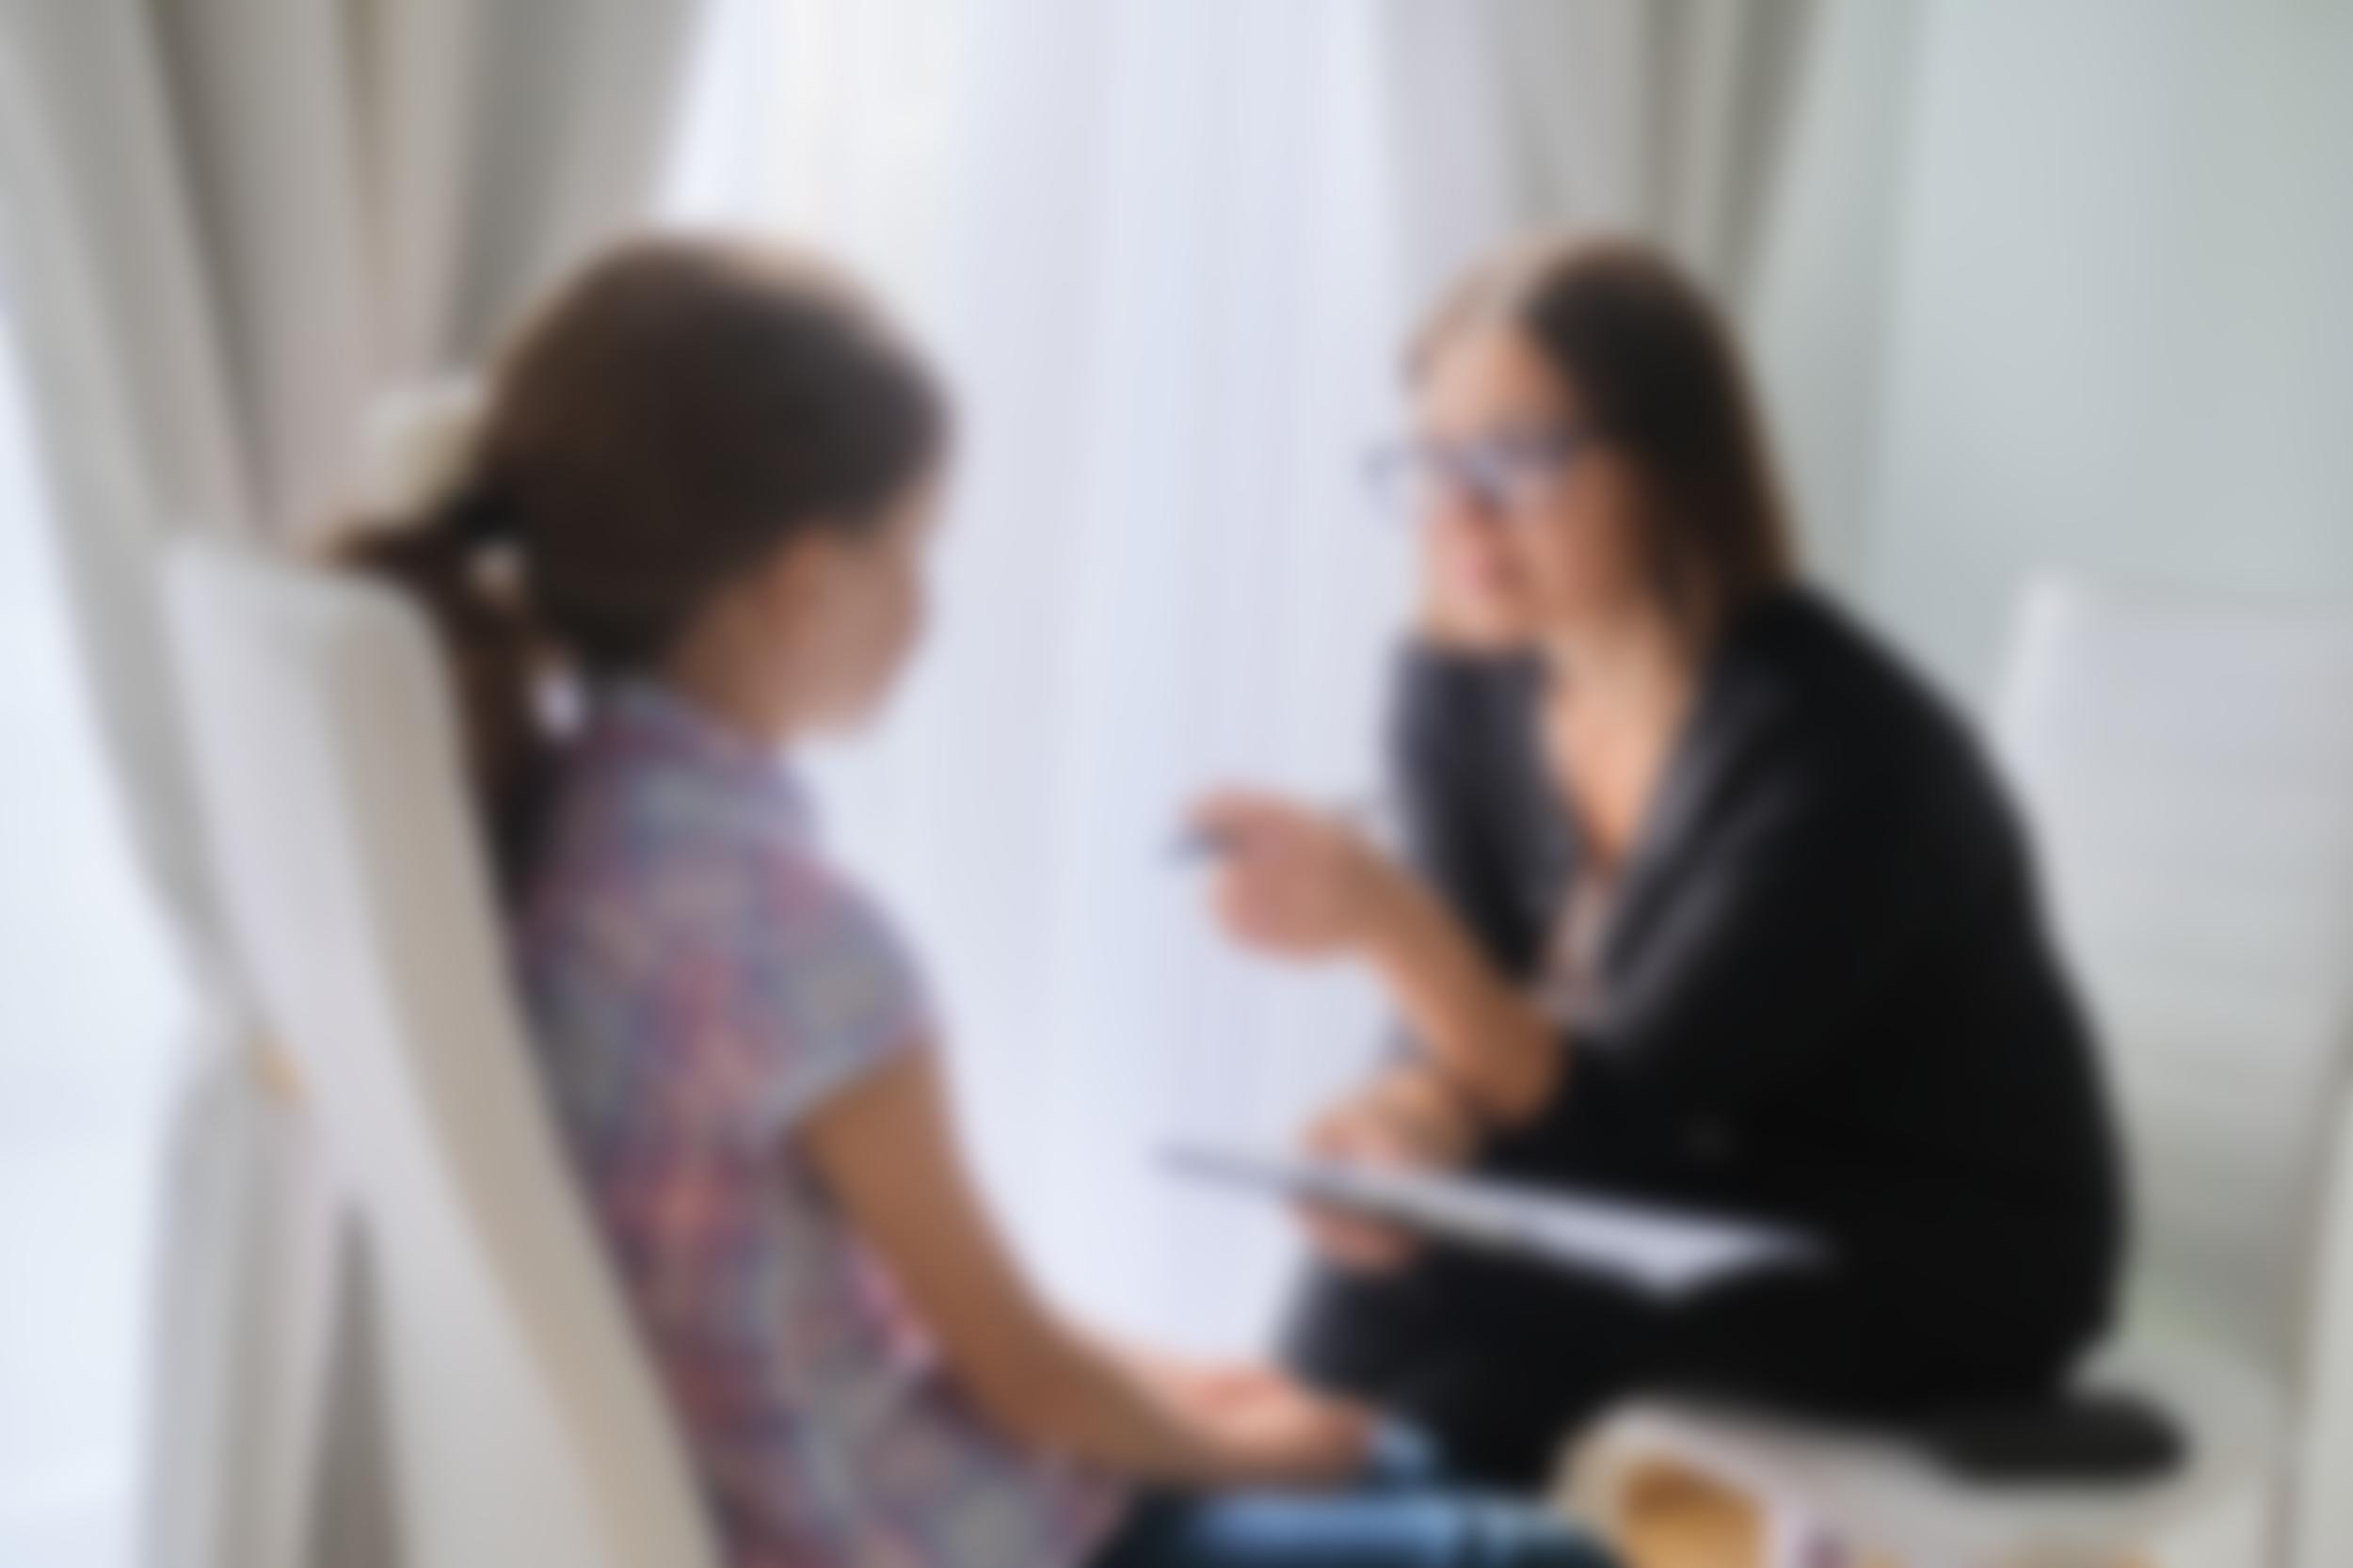 Hälsa hos utsatta barn – för socionomer och socialpedagoger